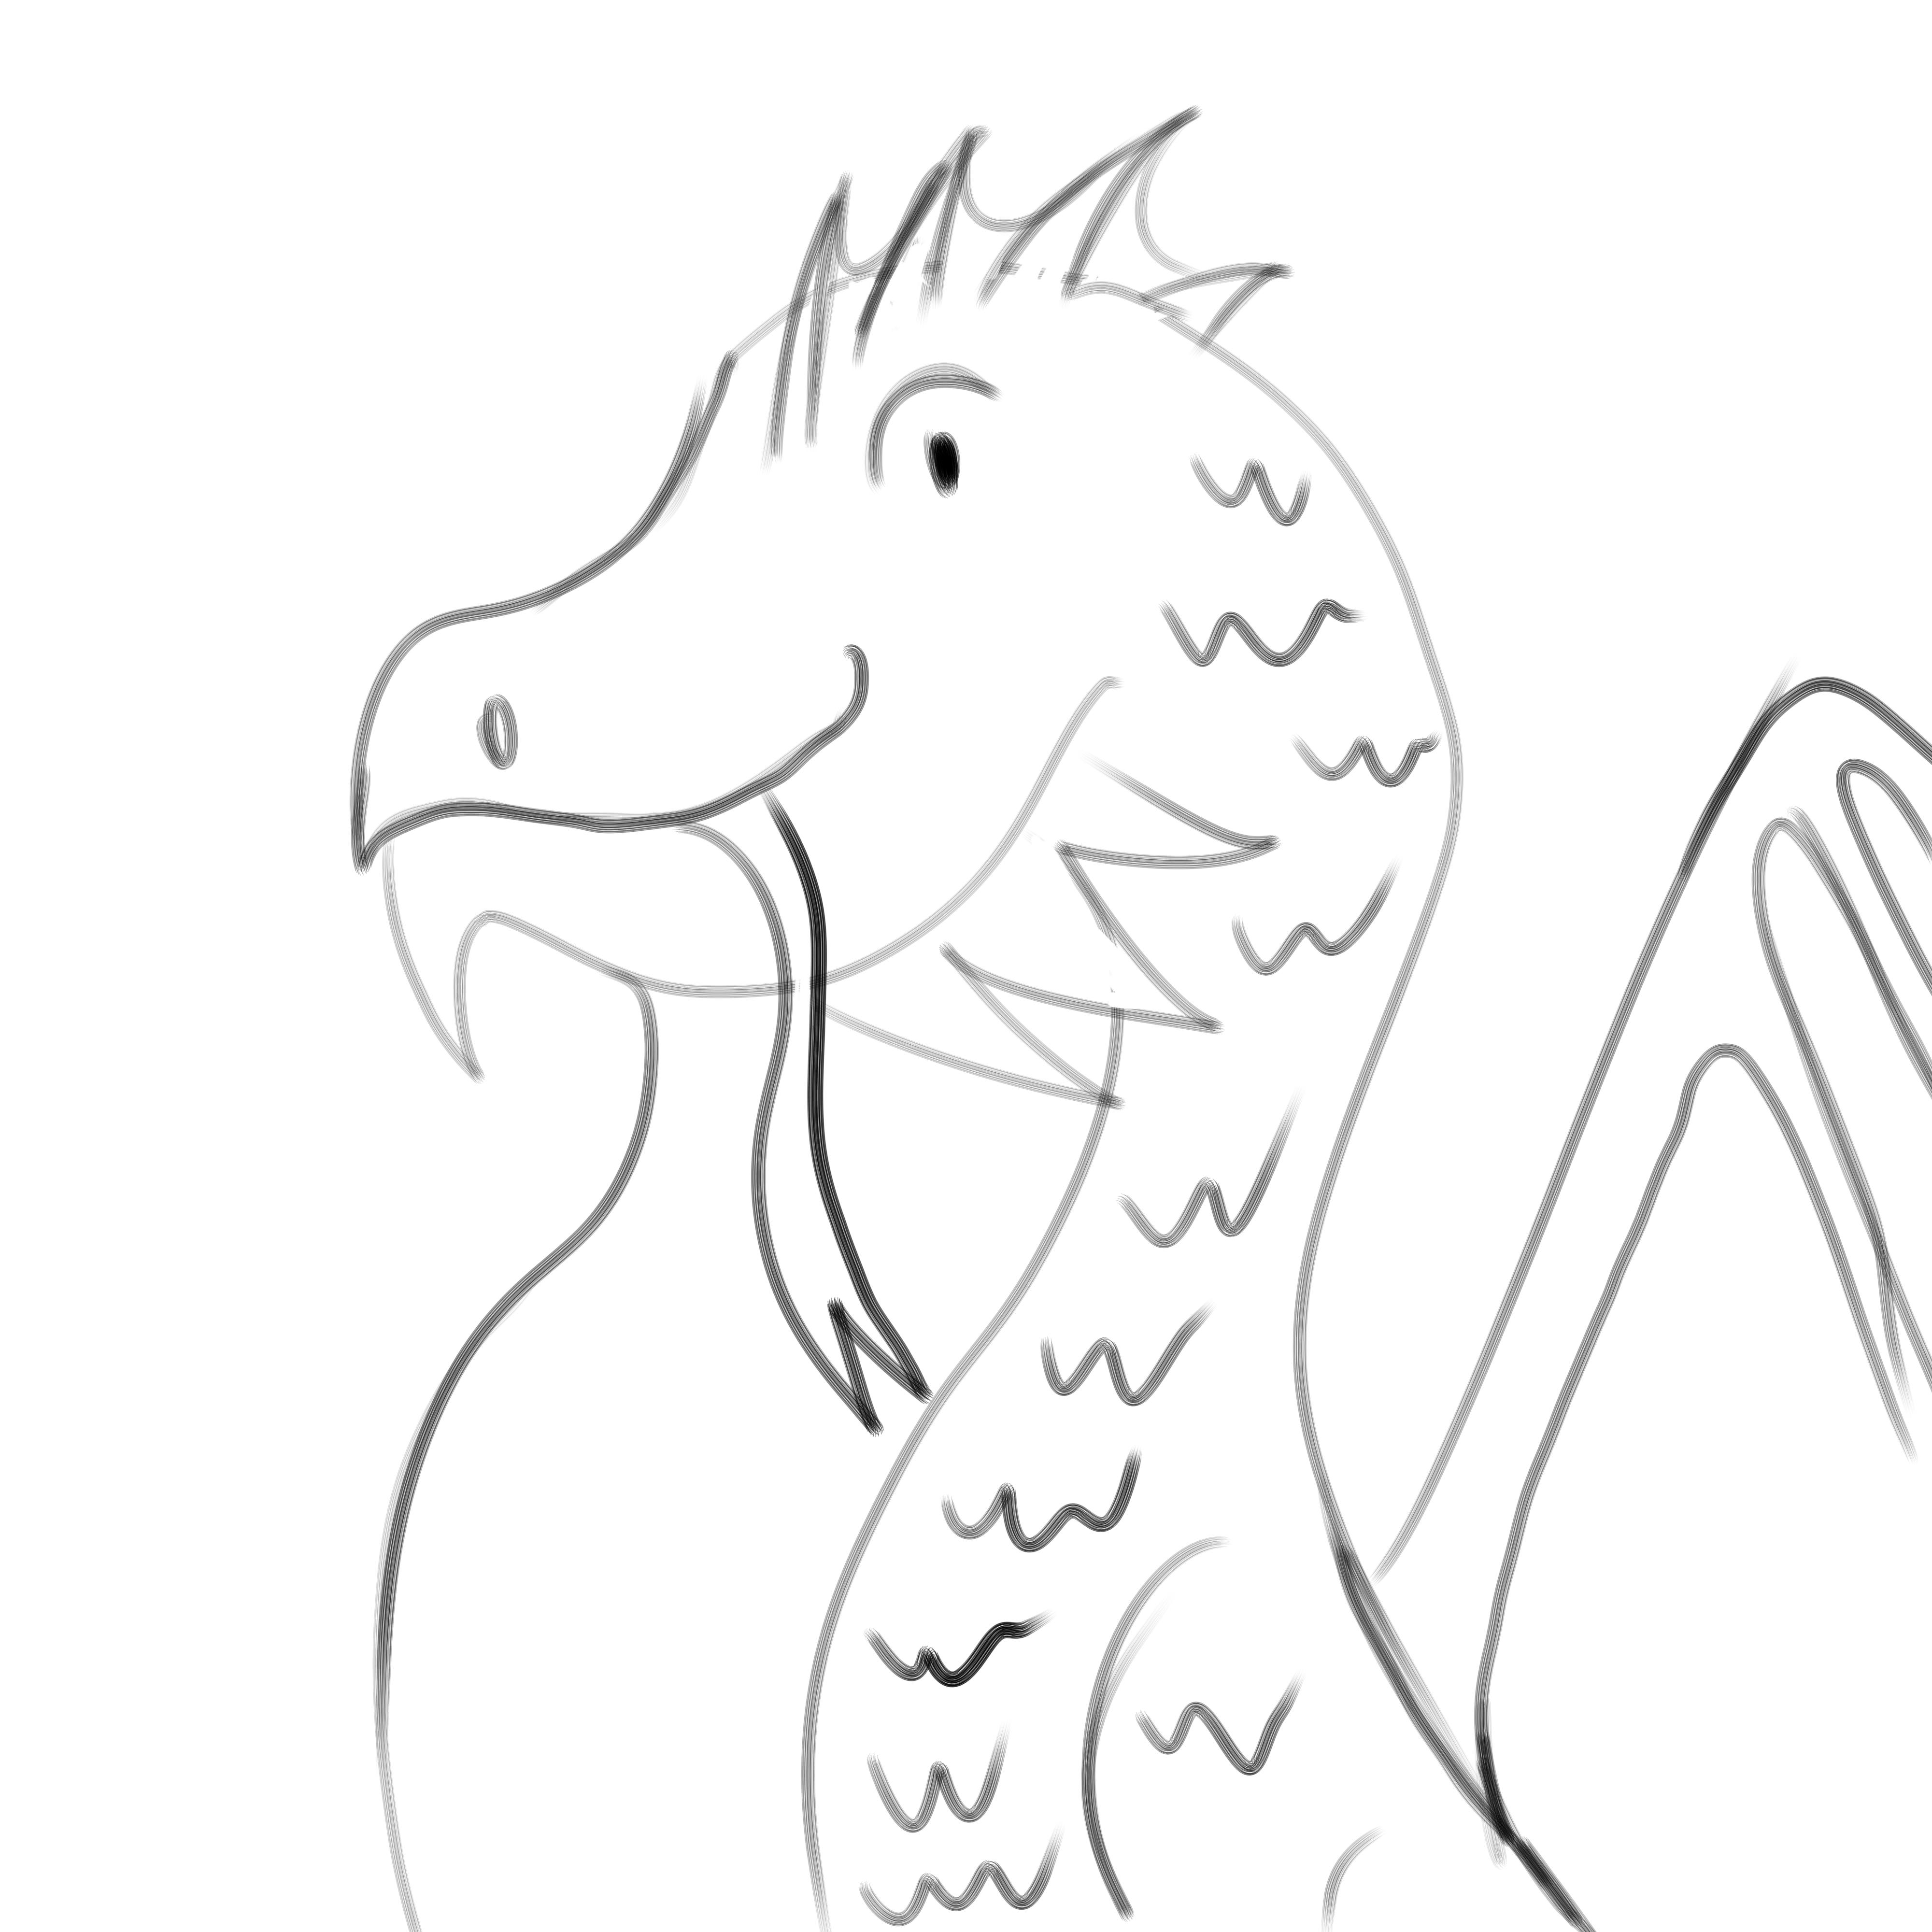 4000x4000 Bad Dragon Drawing (As A Joke) By Tfbumblebee Jazz Fan